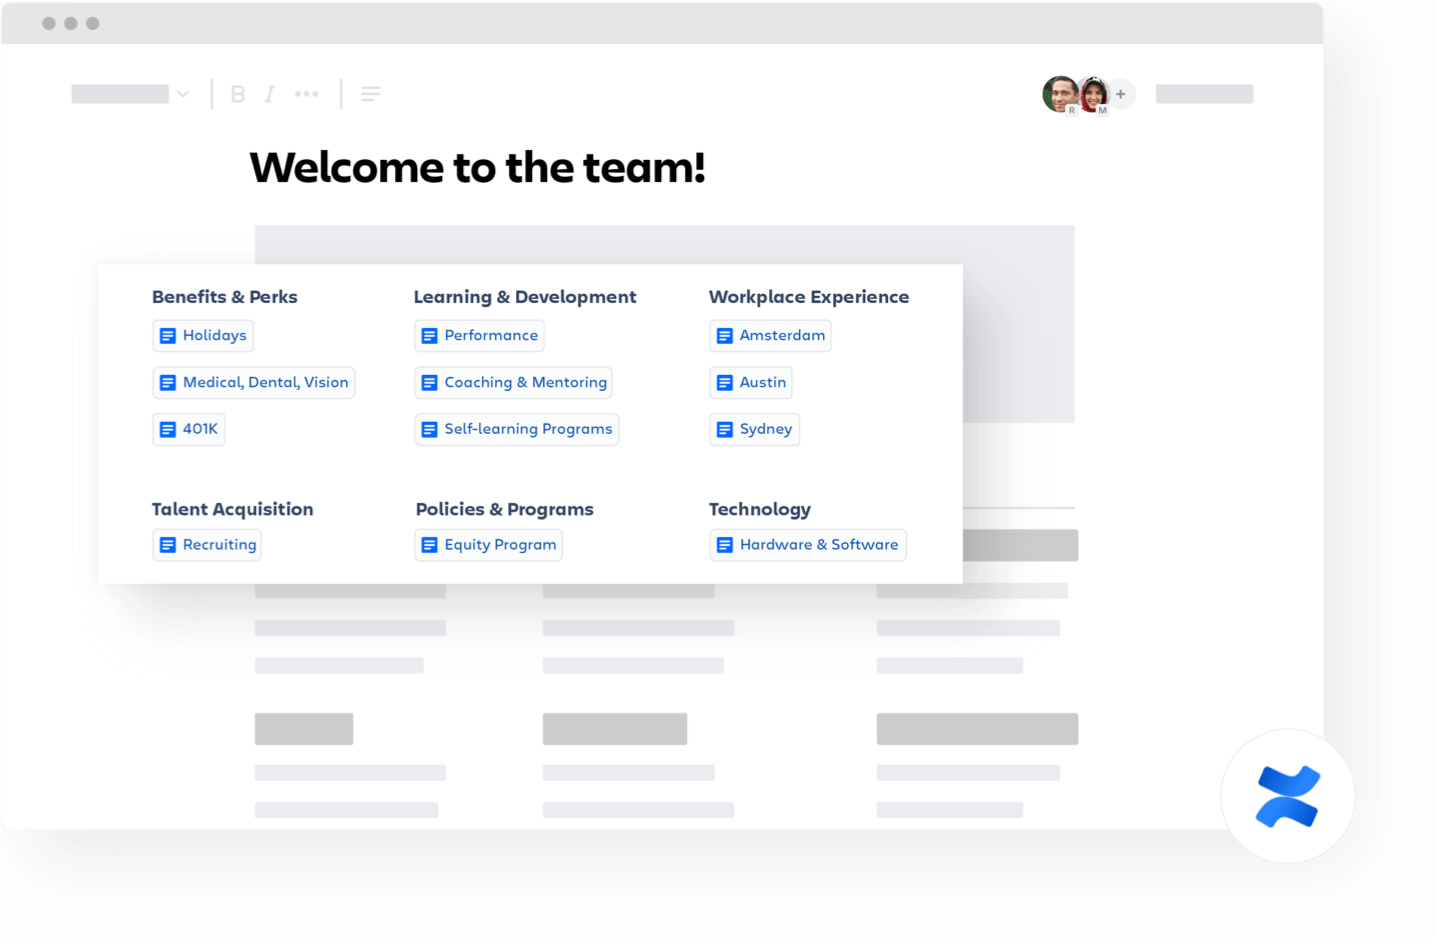 팀 Confluence 페이지에 오신 것을 환영합니다